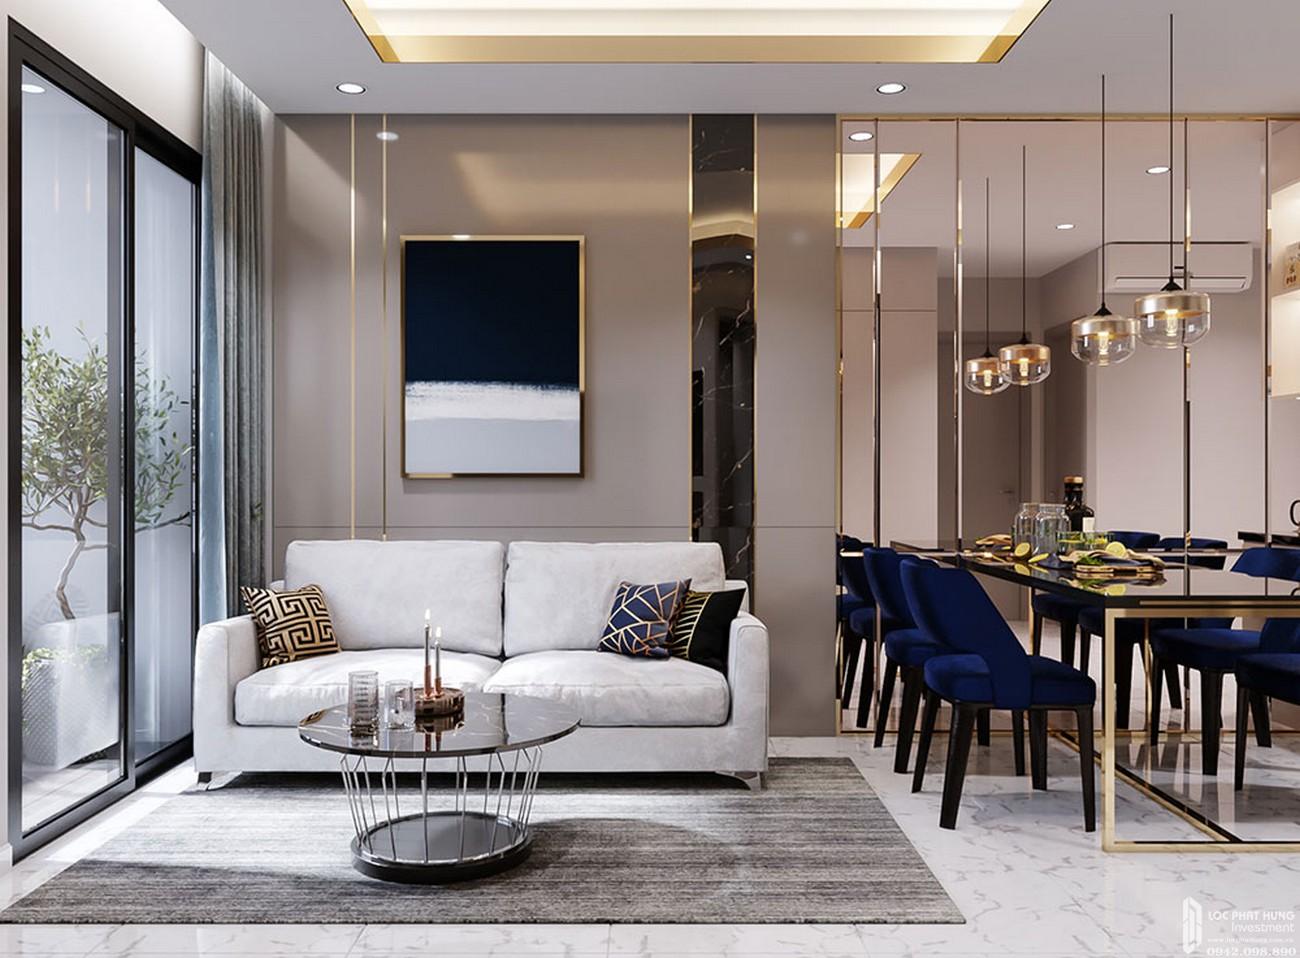 Nhà mẫu dự án Căn Hộ chung cư Happy One Central Phú Hòa Đường Đại Lộ Thủ Dầu Một chủ đầu tư Ốc Vạn Xuân